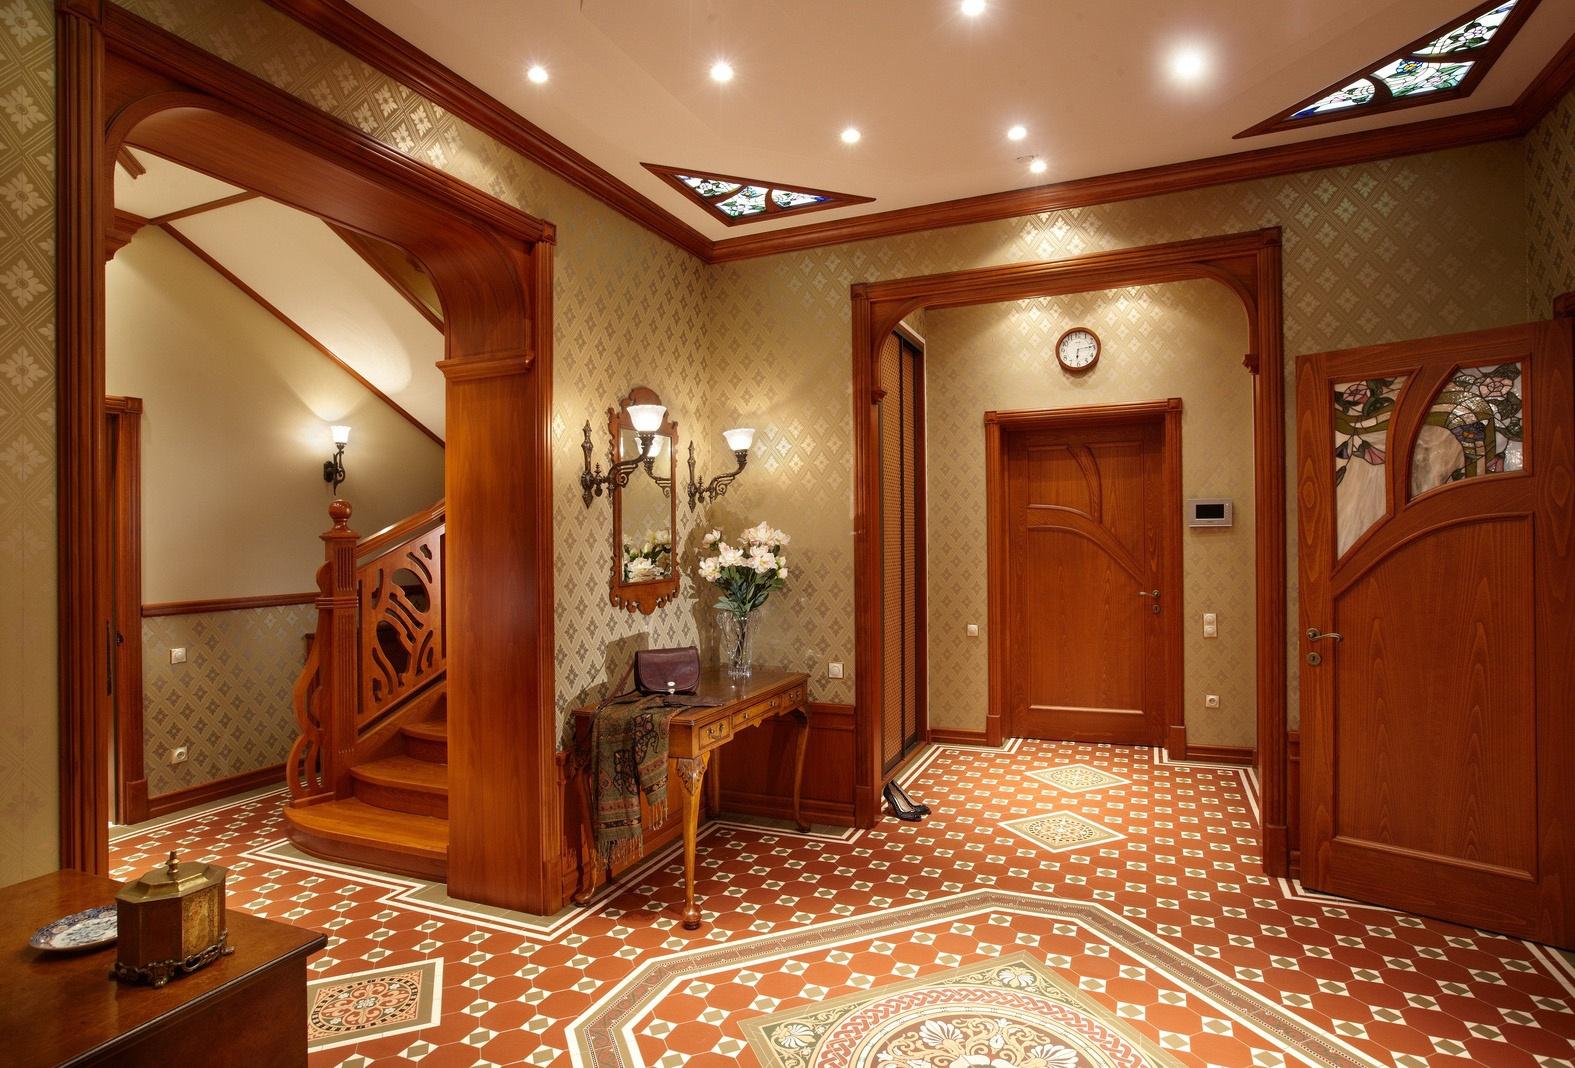 Прихожая в скандинавском или английском стиле: фото коридора.